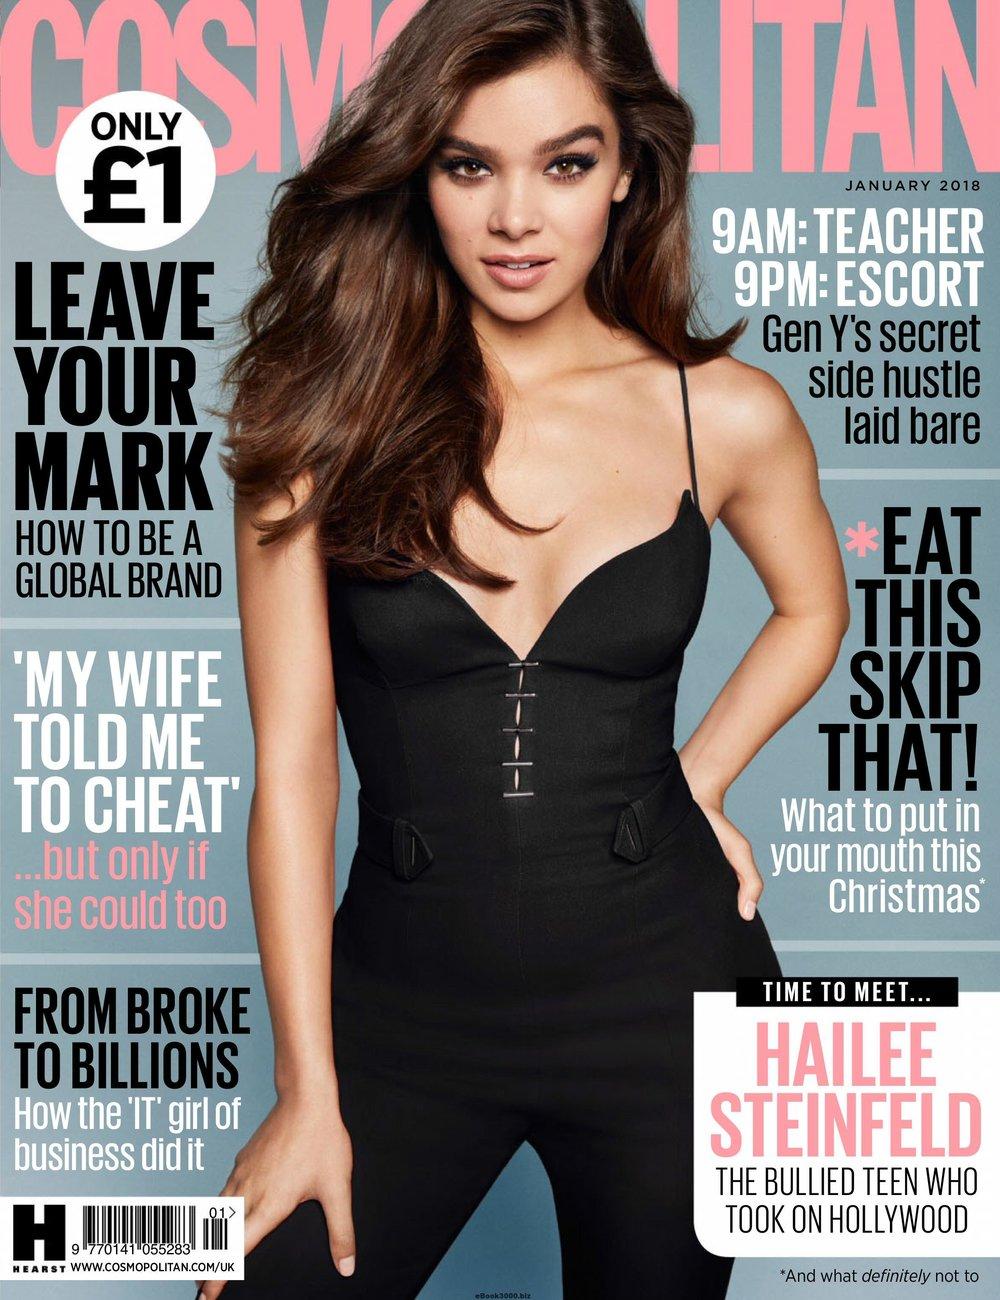 Cosmopolitan-UK-January-2018.jpg